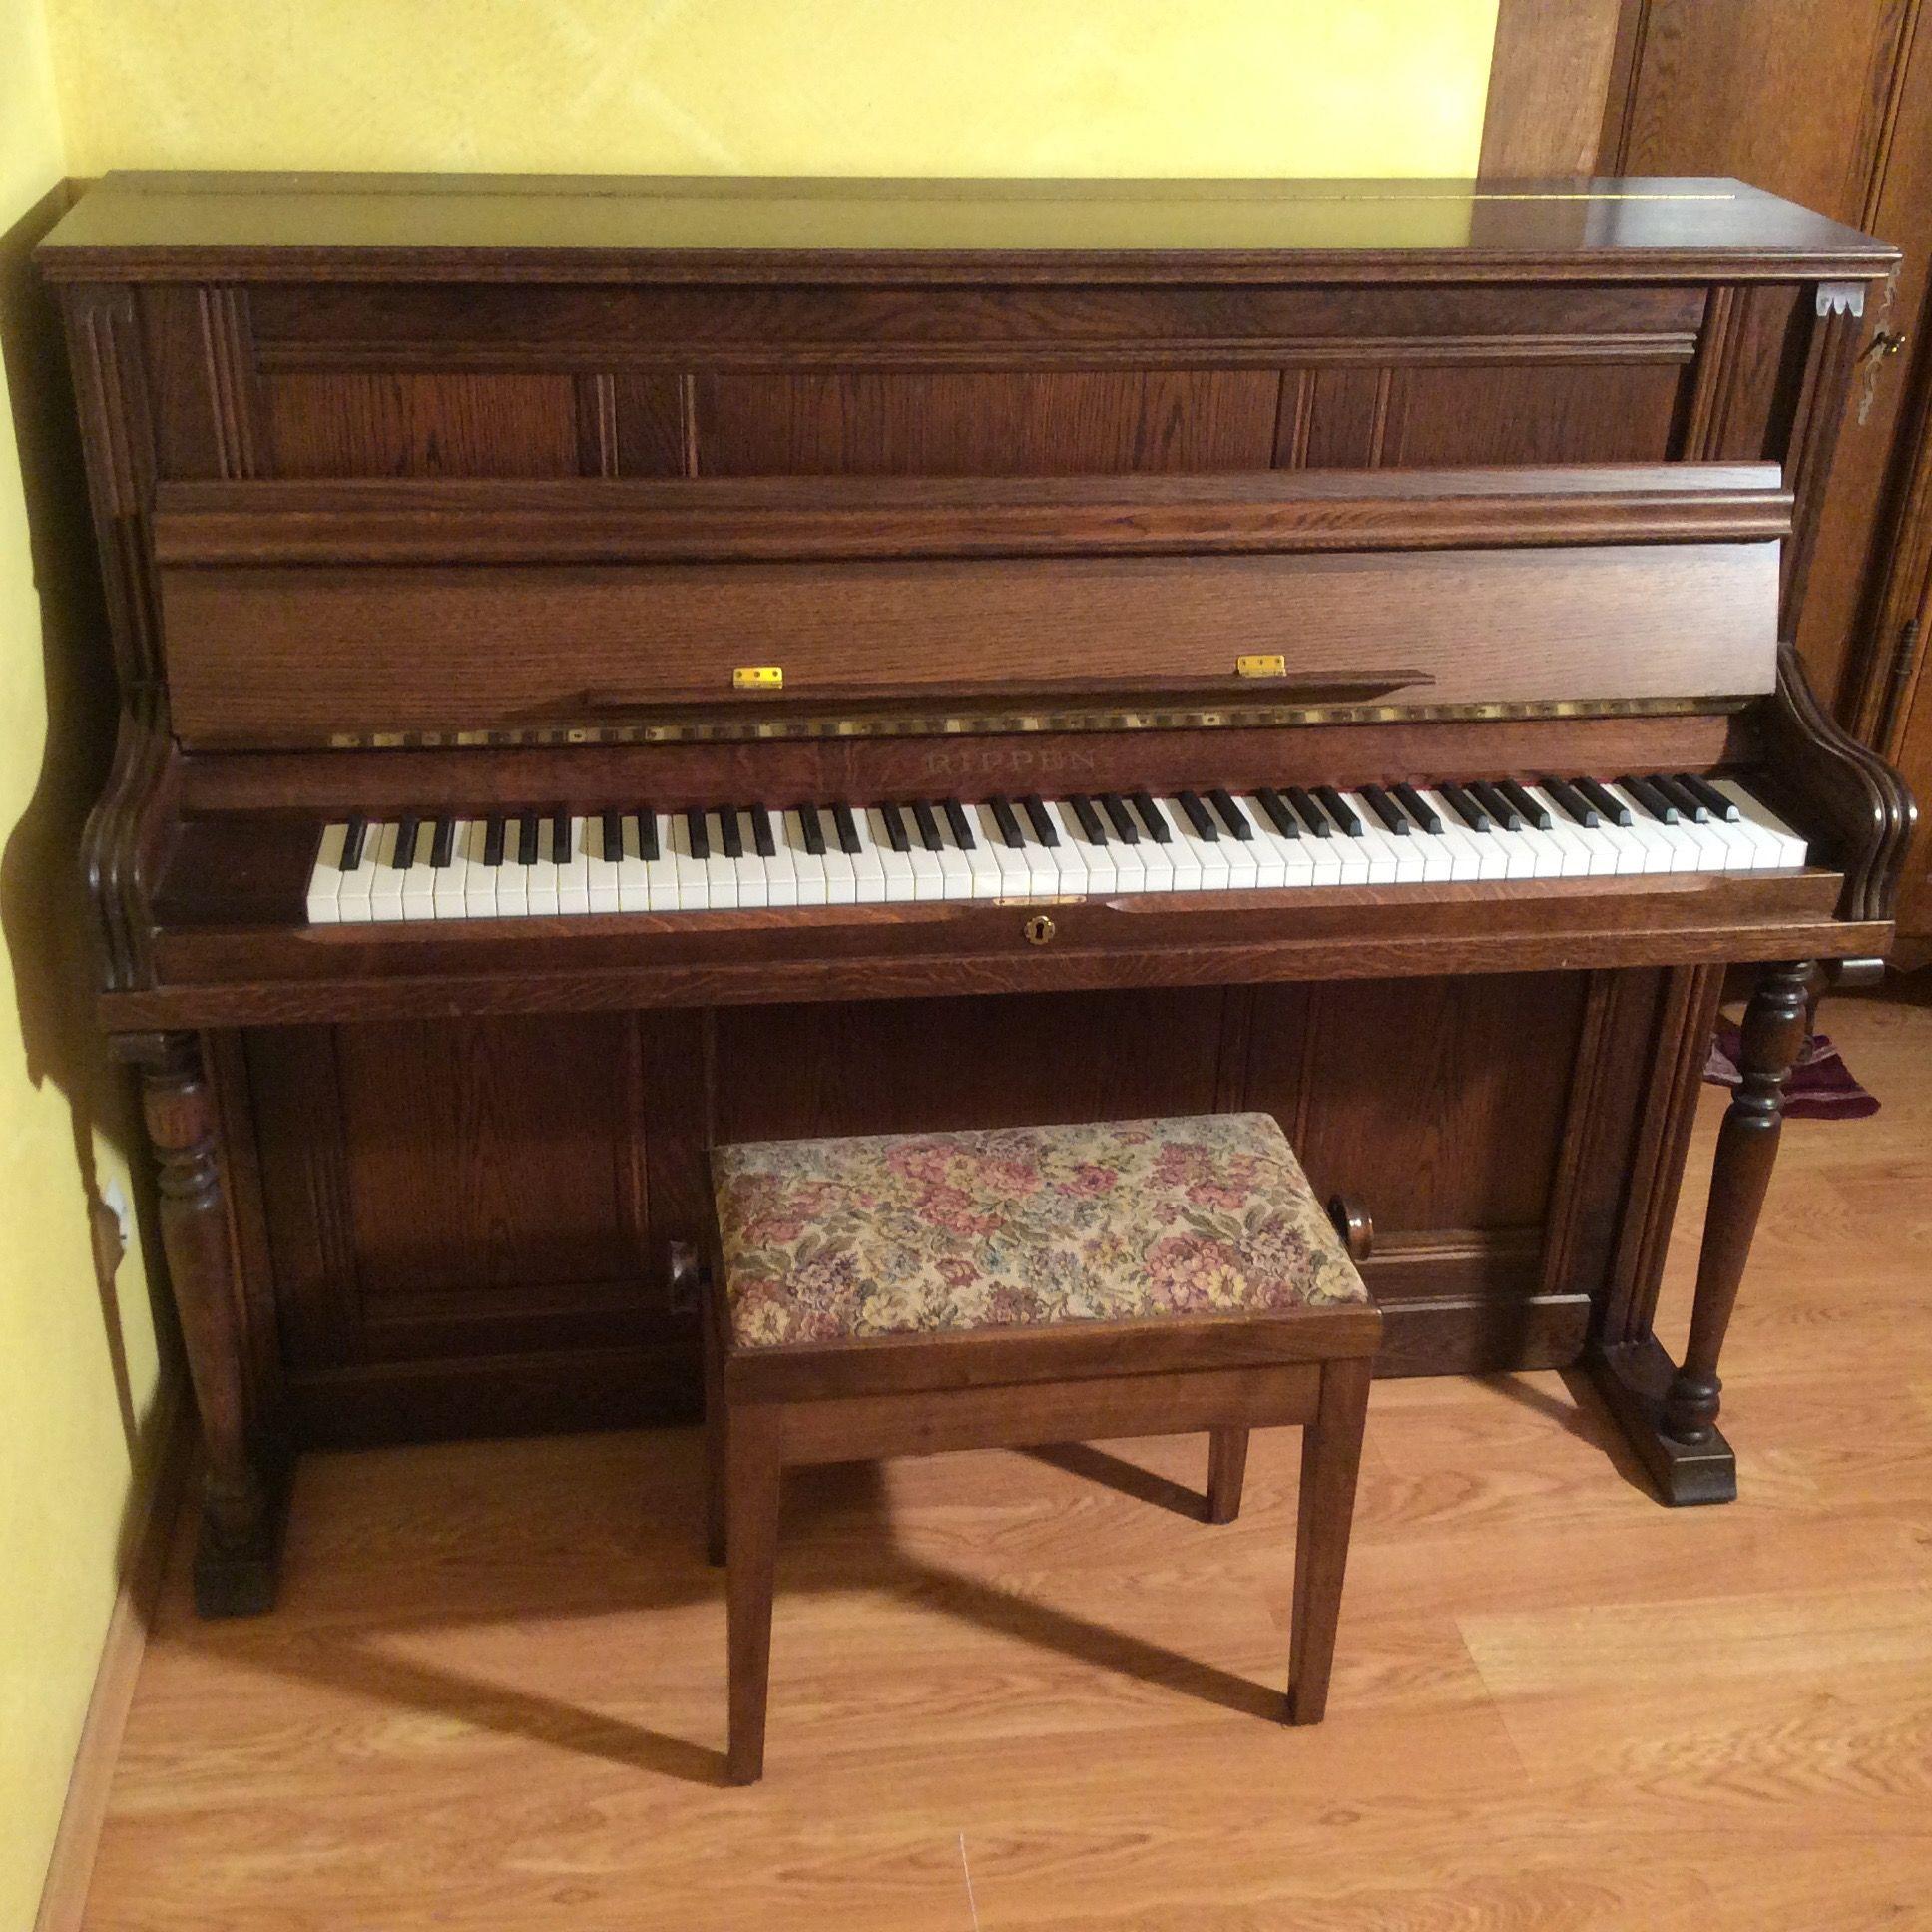 pianos occasion annonces achat et vente de pianos paruvendu mondebarras page 96. Black Bedroom Furniture Sets. Home Design Ideas